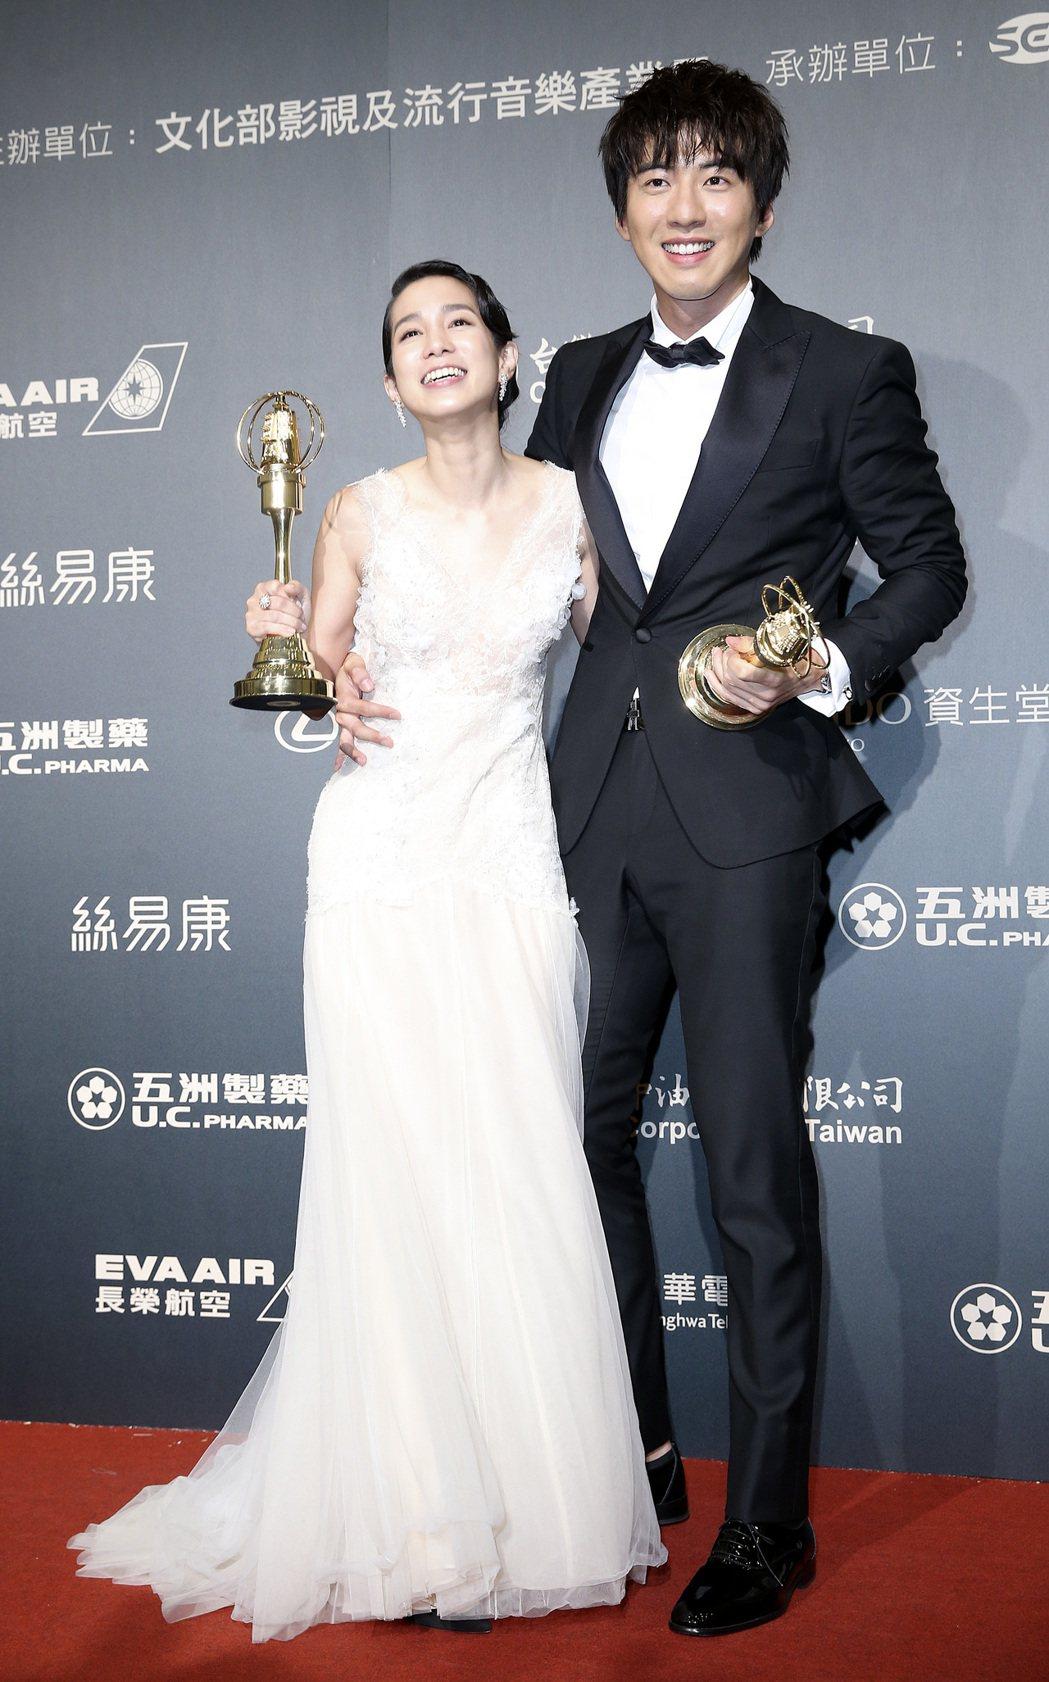 第52屆金鐘獎迷你劇集/電視電影男女主角傅孟柏、温貞菱。記者鄭清元/攝影